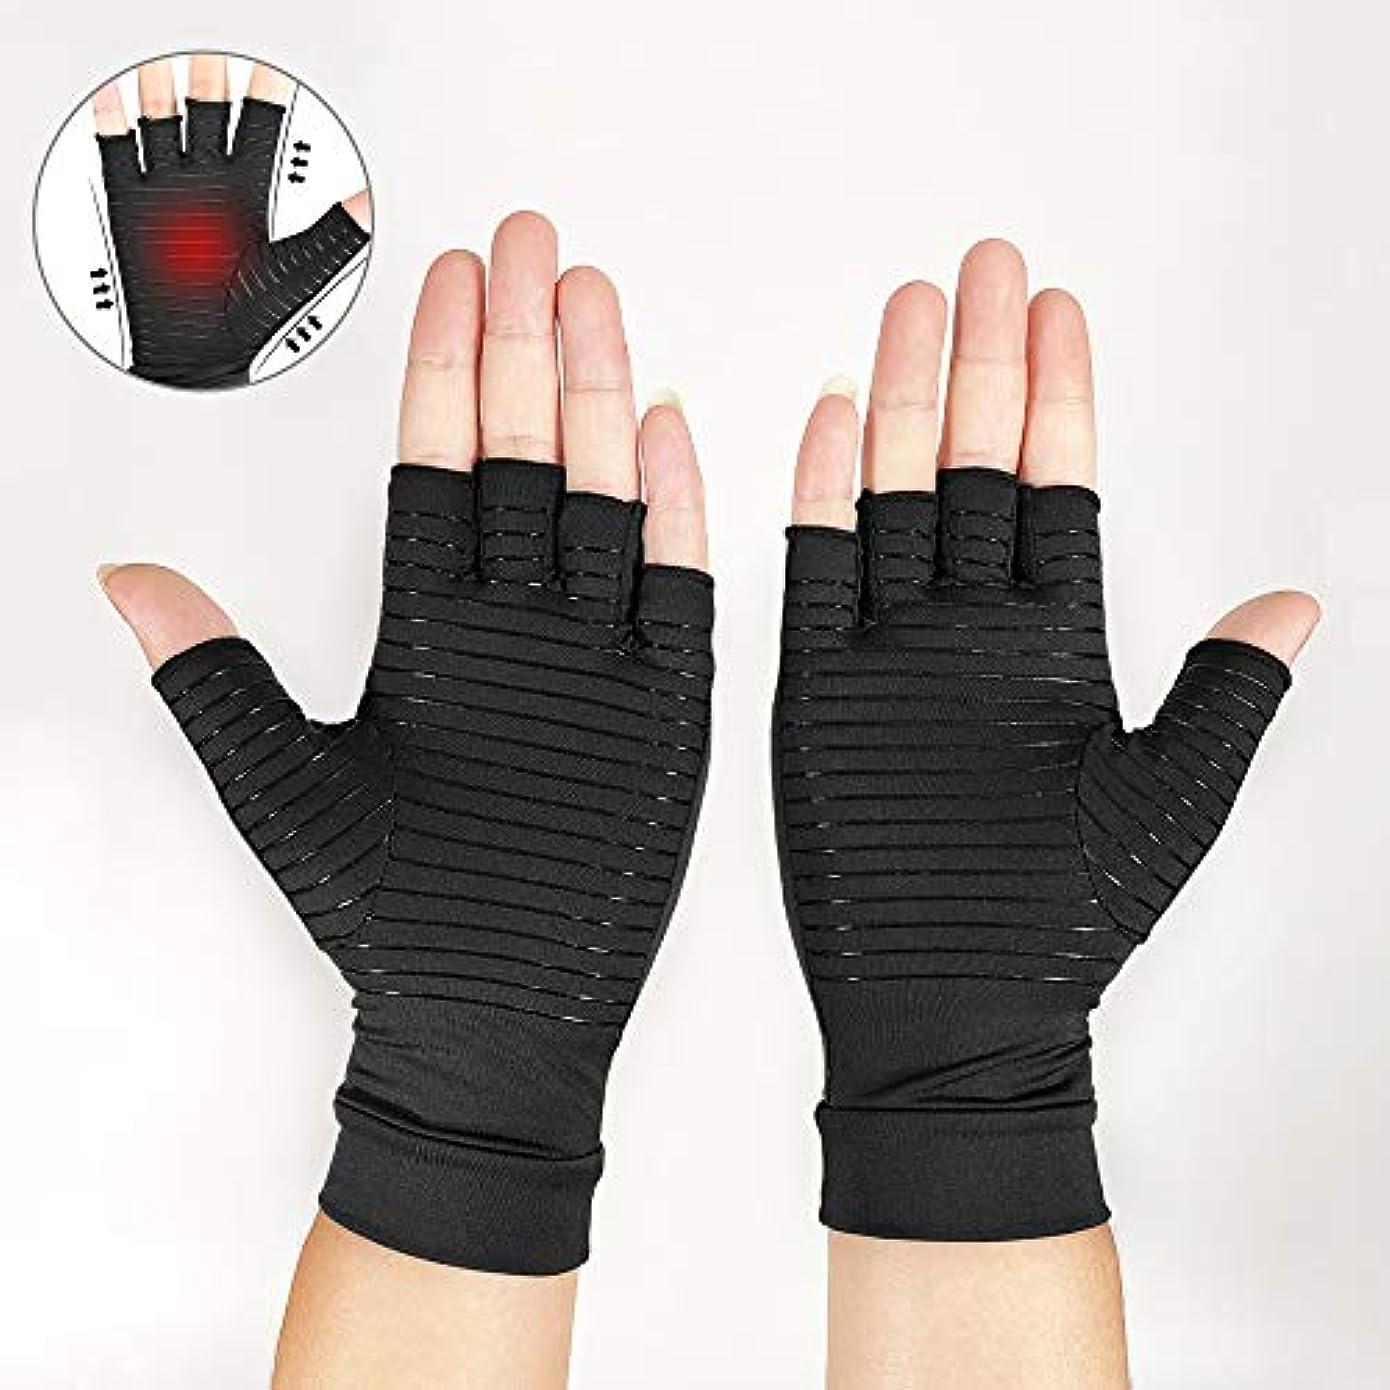 苦行サンプルリマーク銅圧縮関節炎手袋、圧縮関節炎グローブ 手根管、コンピューター入力、および毎日の関節炎の痛みの軽減のサポート(2個)